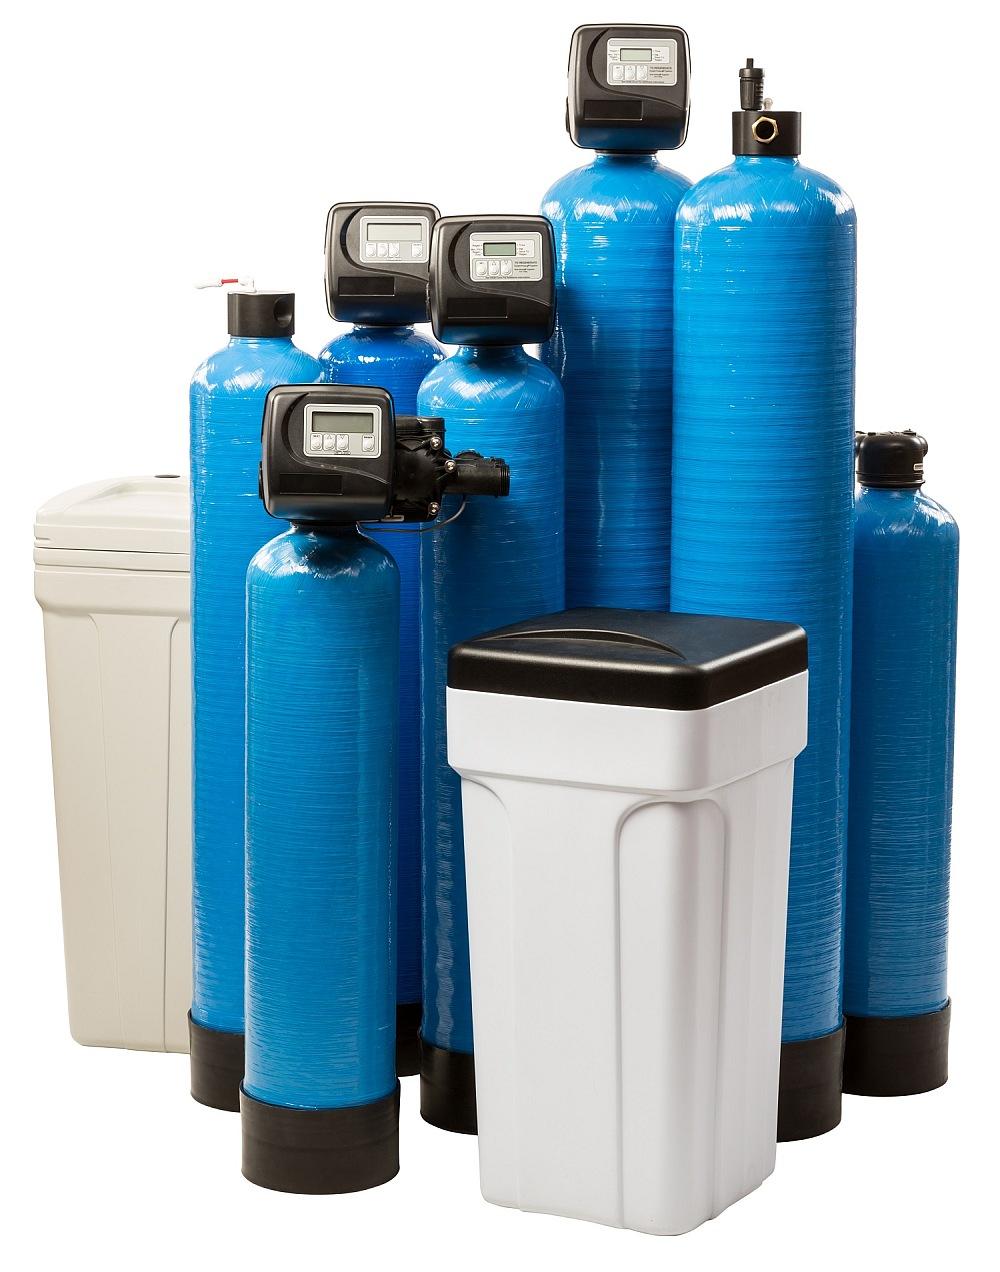 Vandens filtras apsaugo Jūsų sveikatą